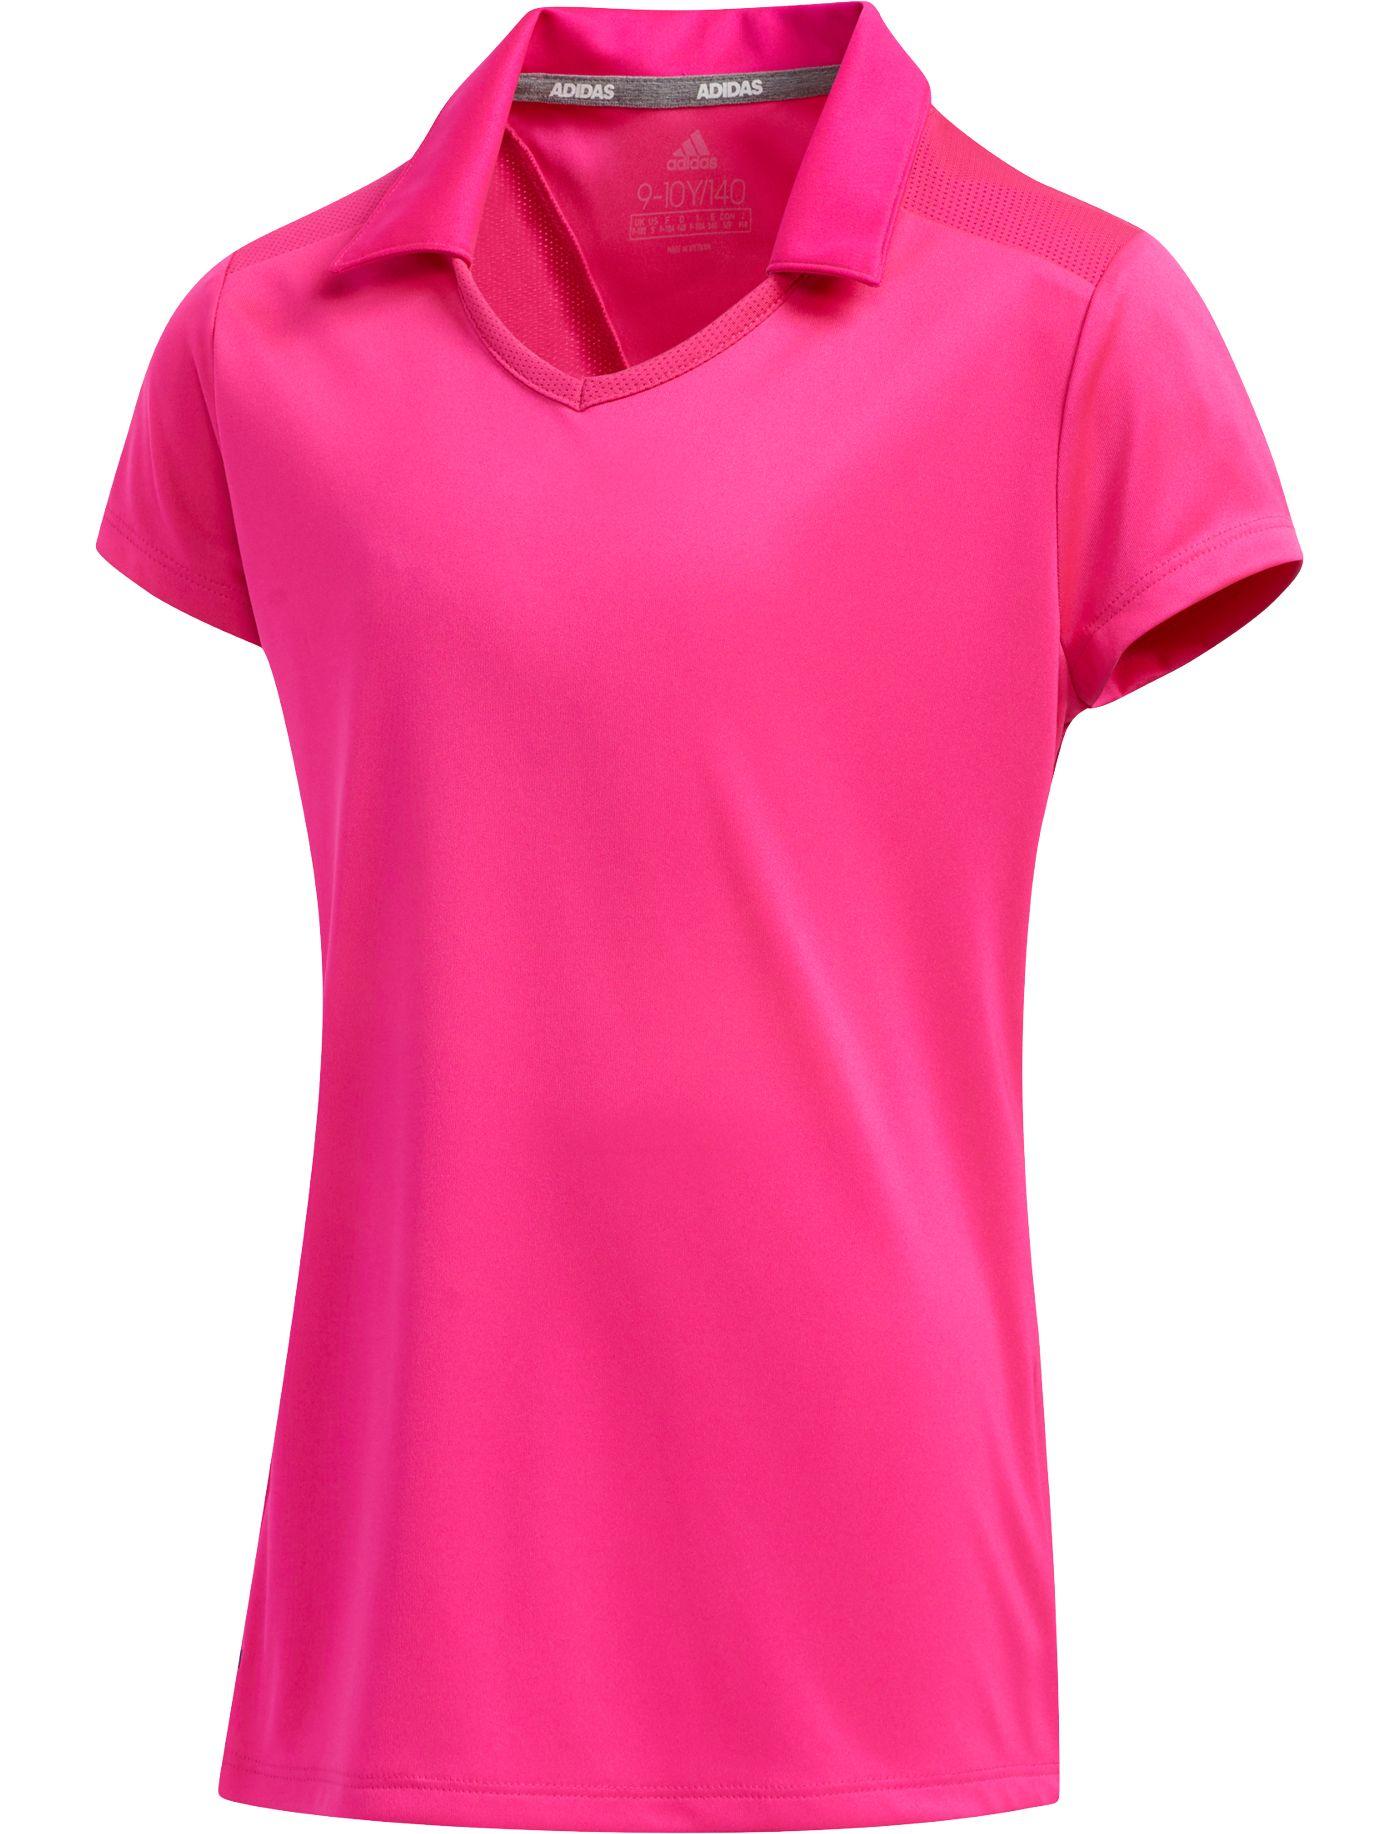 adidas Girls' Solid Golf Polo